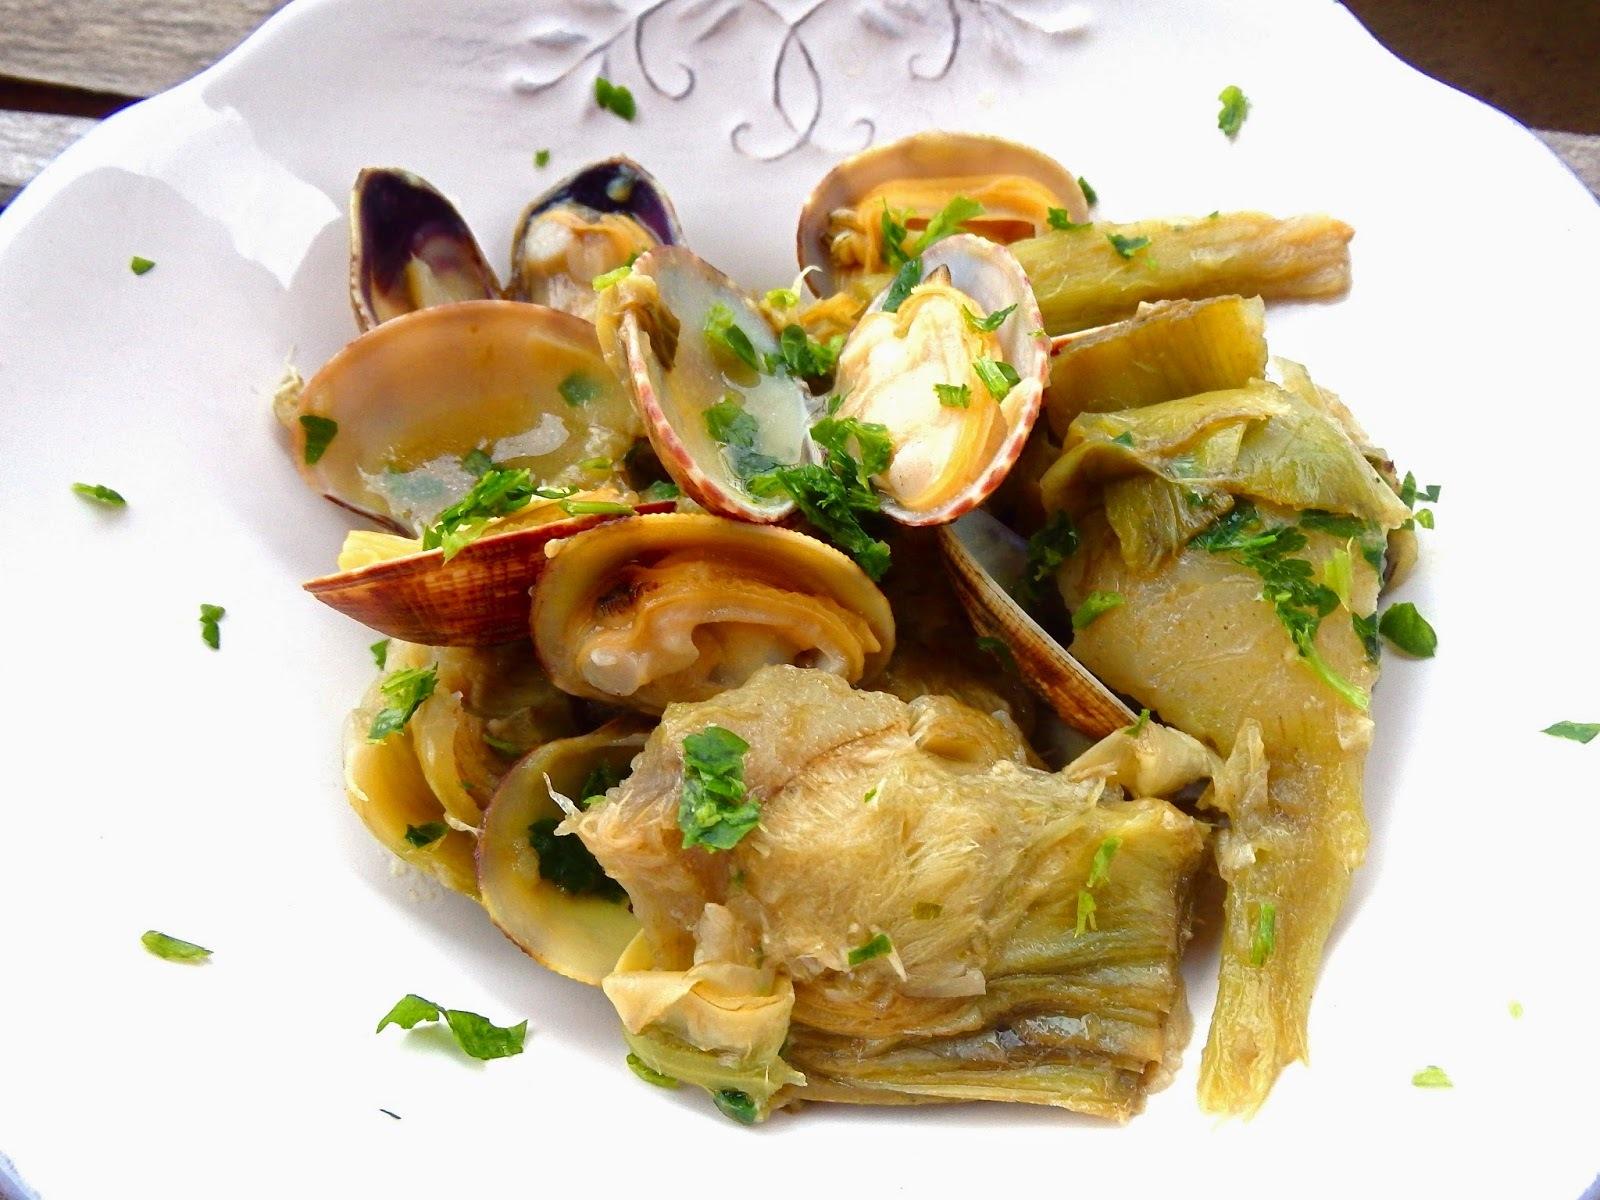 Alcachofas con almejas, receta light - Carxofes amb cloïsses, recepta light